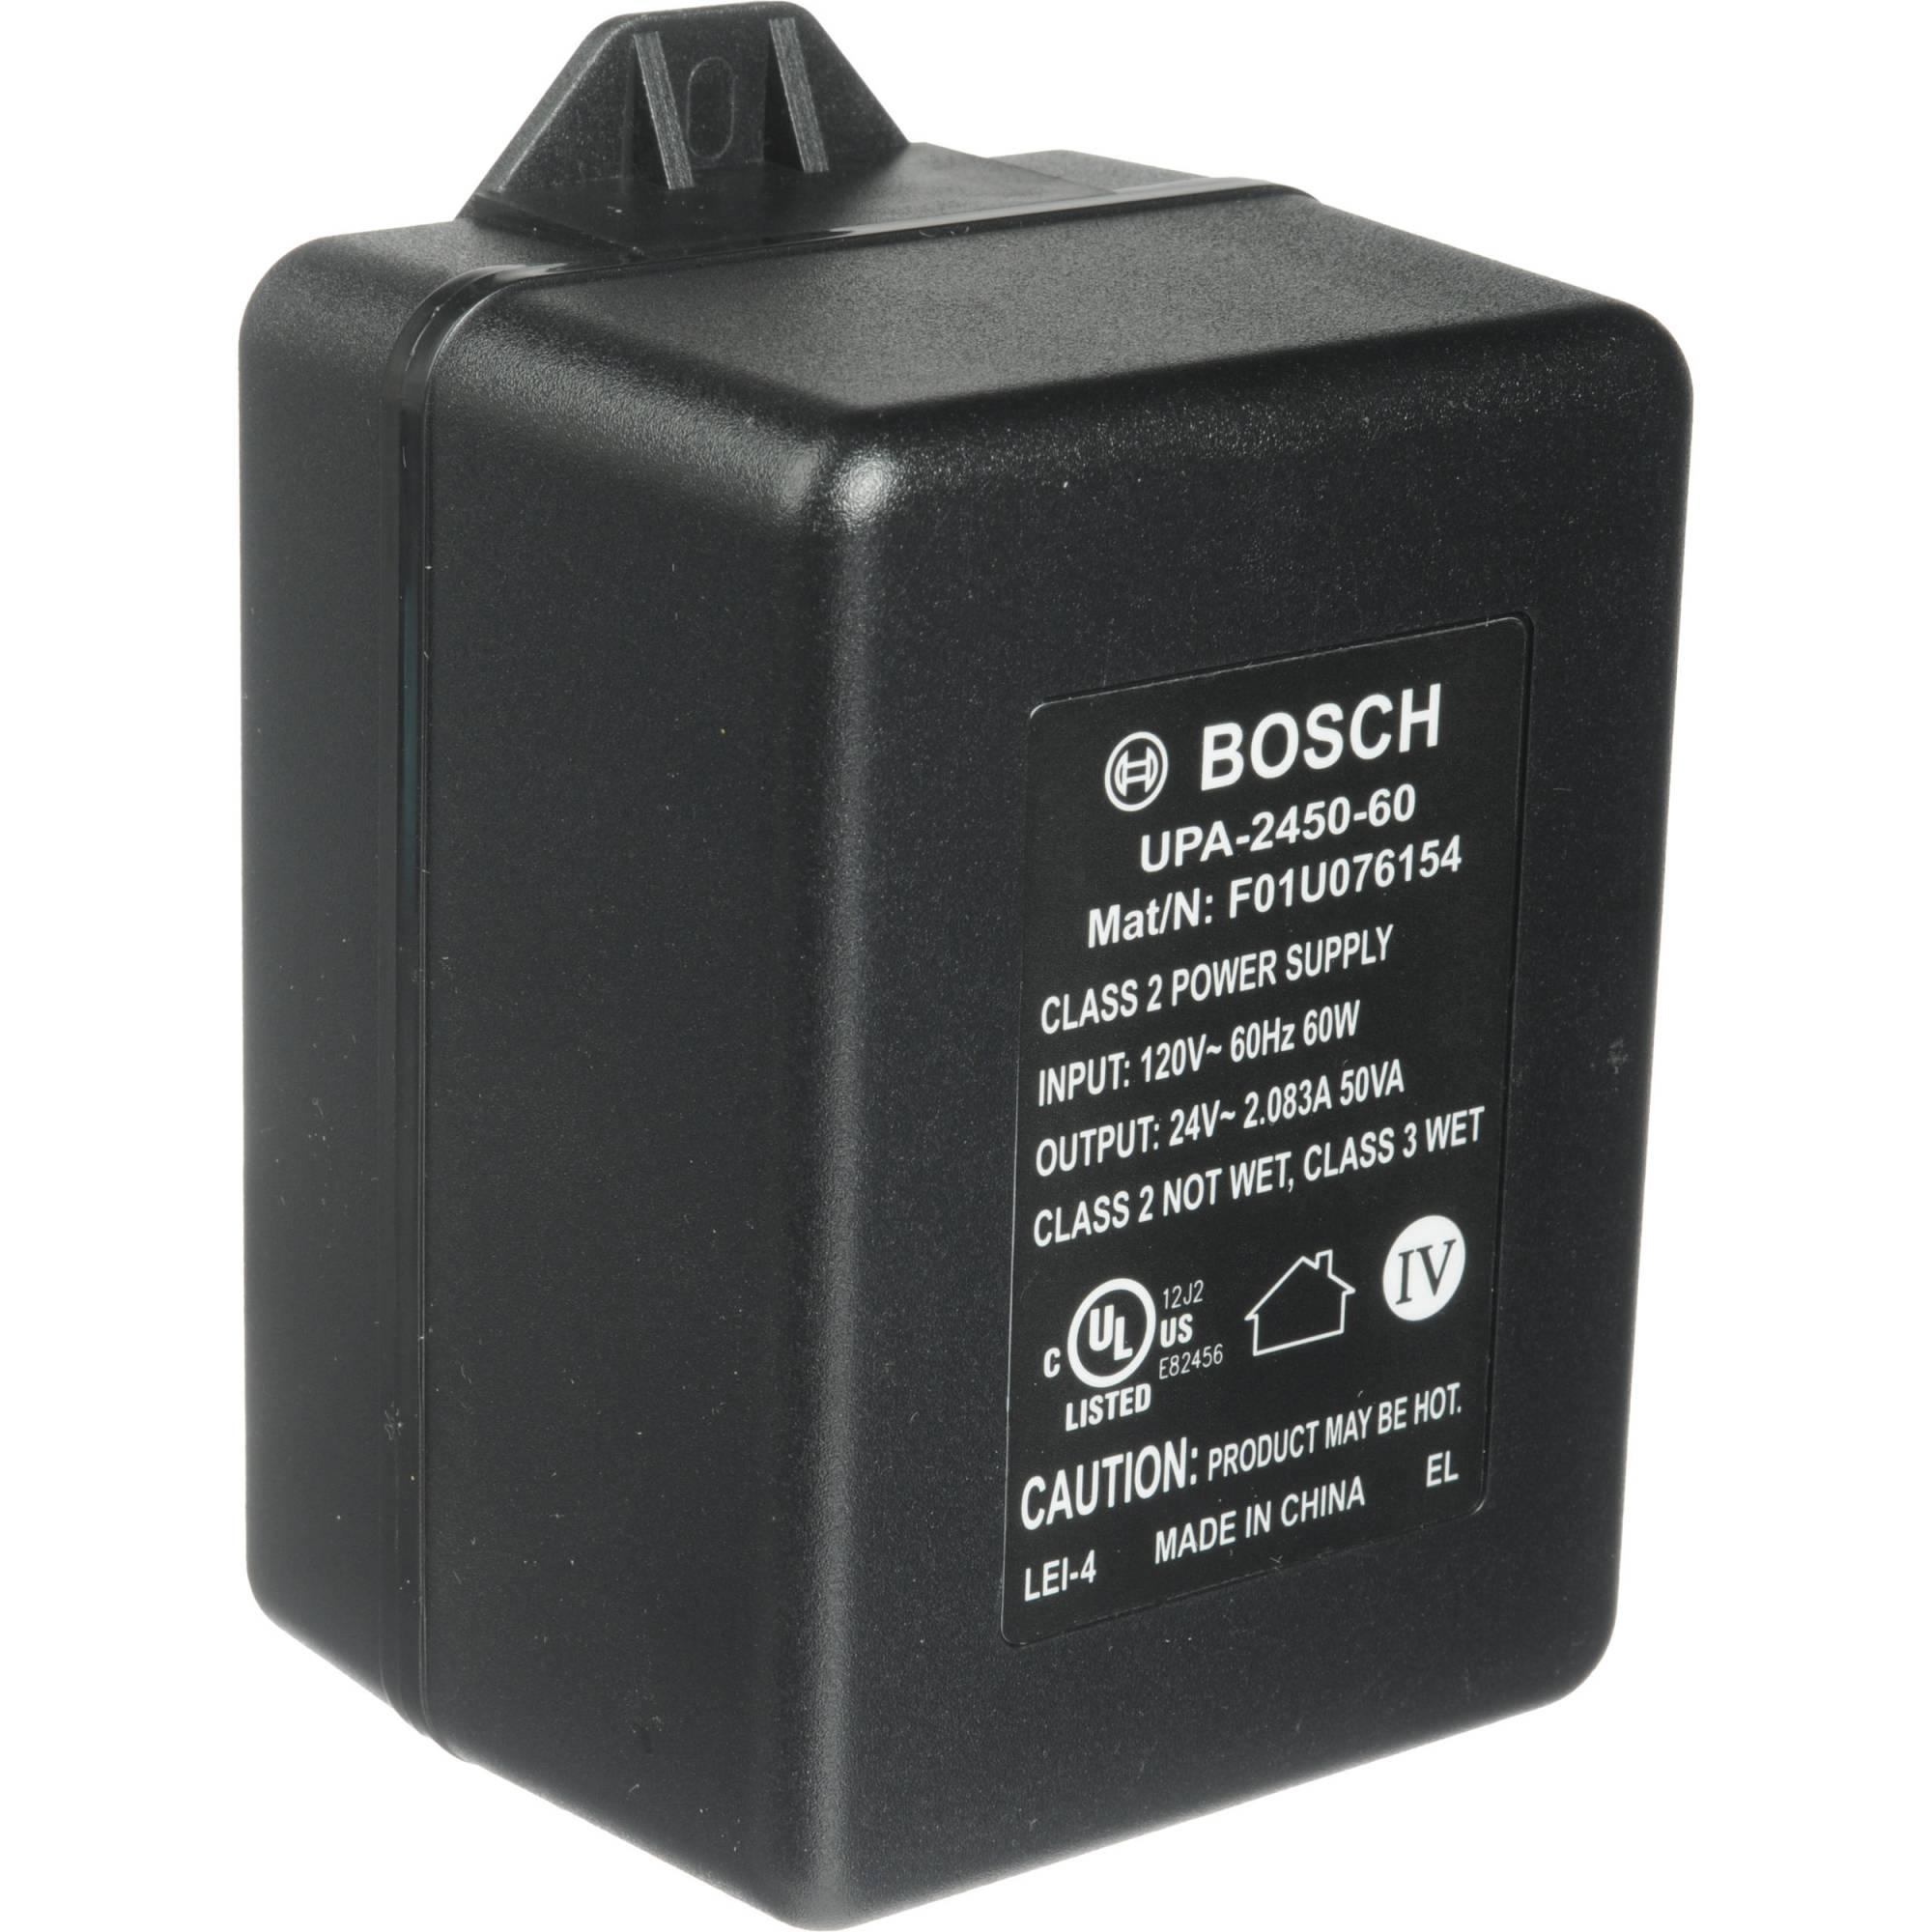 hight resolution of bosch upa 2450 60 24 vac power supply 50 va 60hz